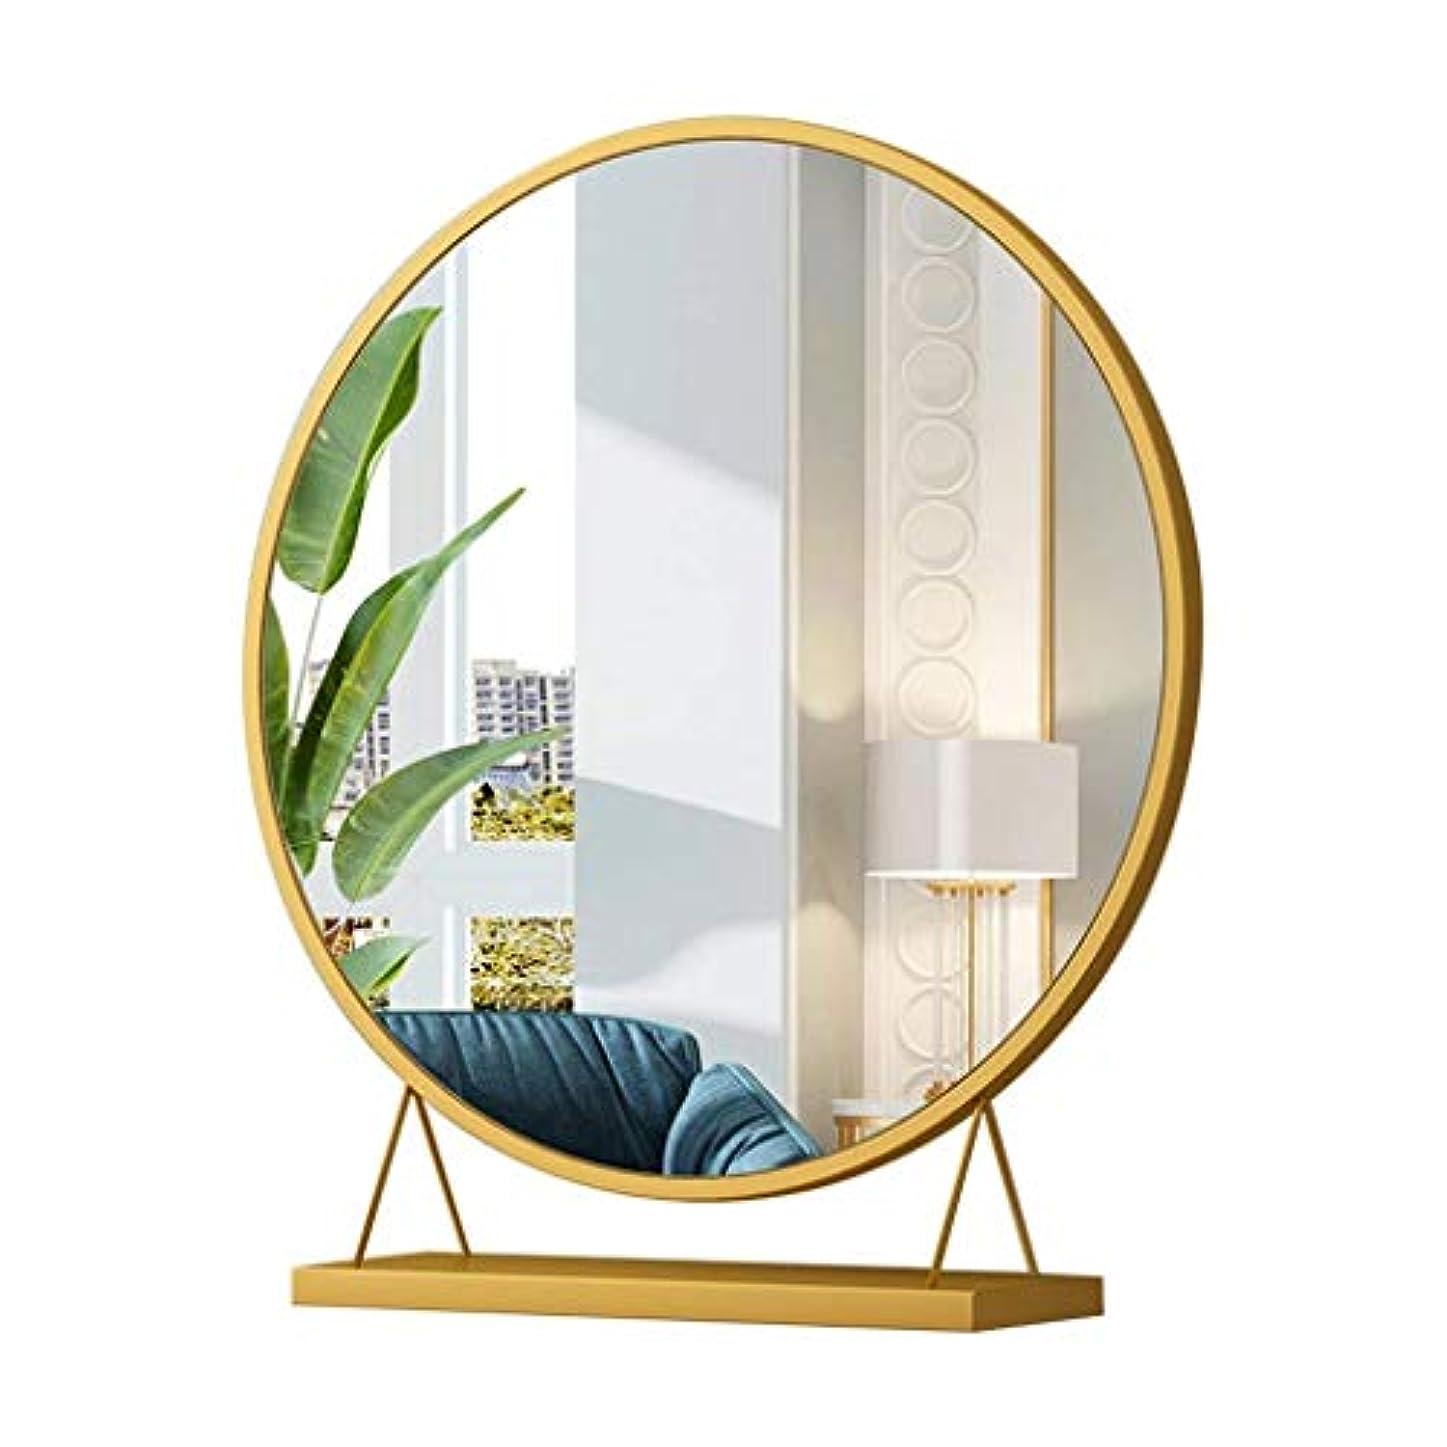 王子減らす罪人卓上ミラー、北欧の金の化粧台の卓上の円形の美ミラー (色 : ゴールド, サイズ さいず : 50*50cm)